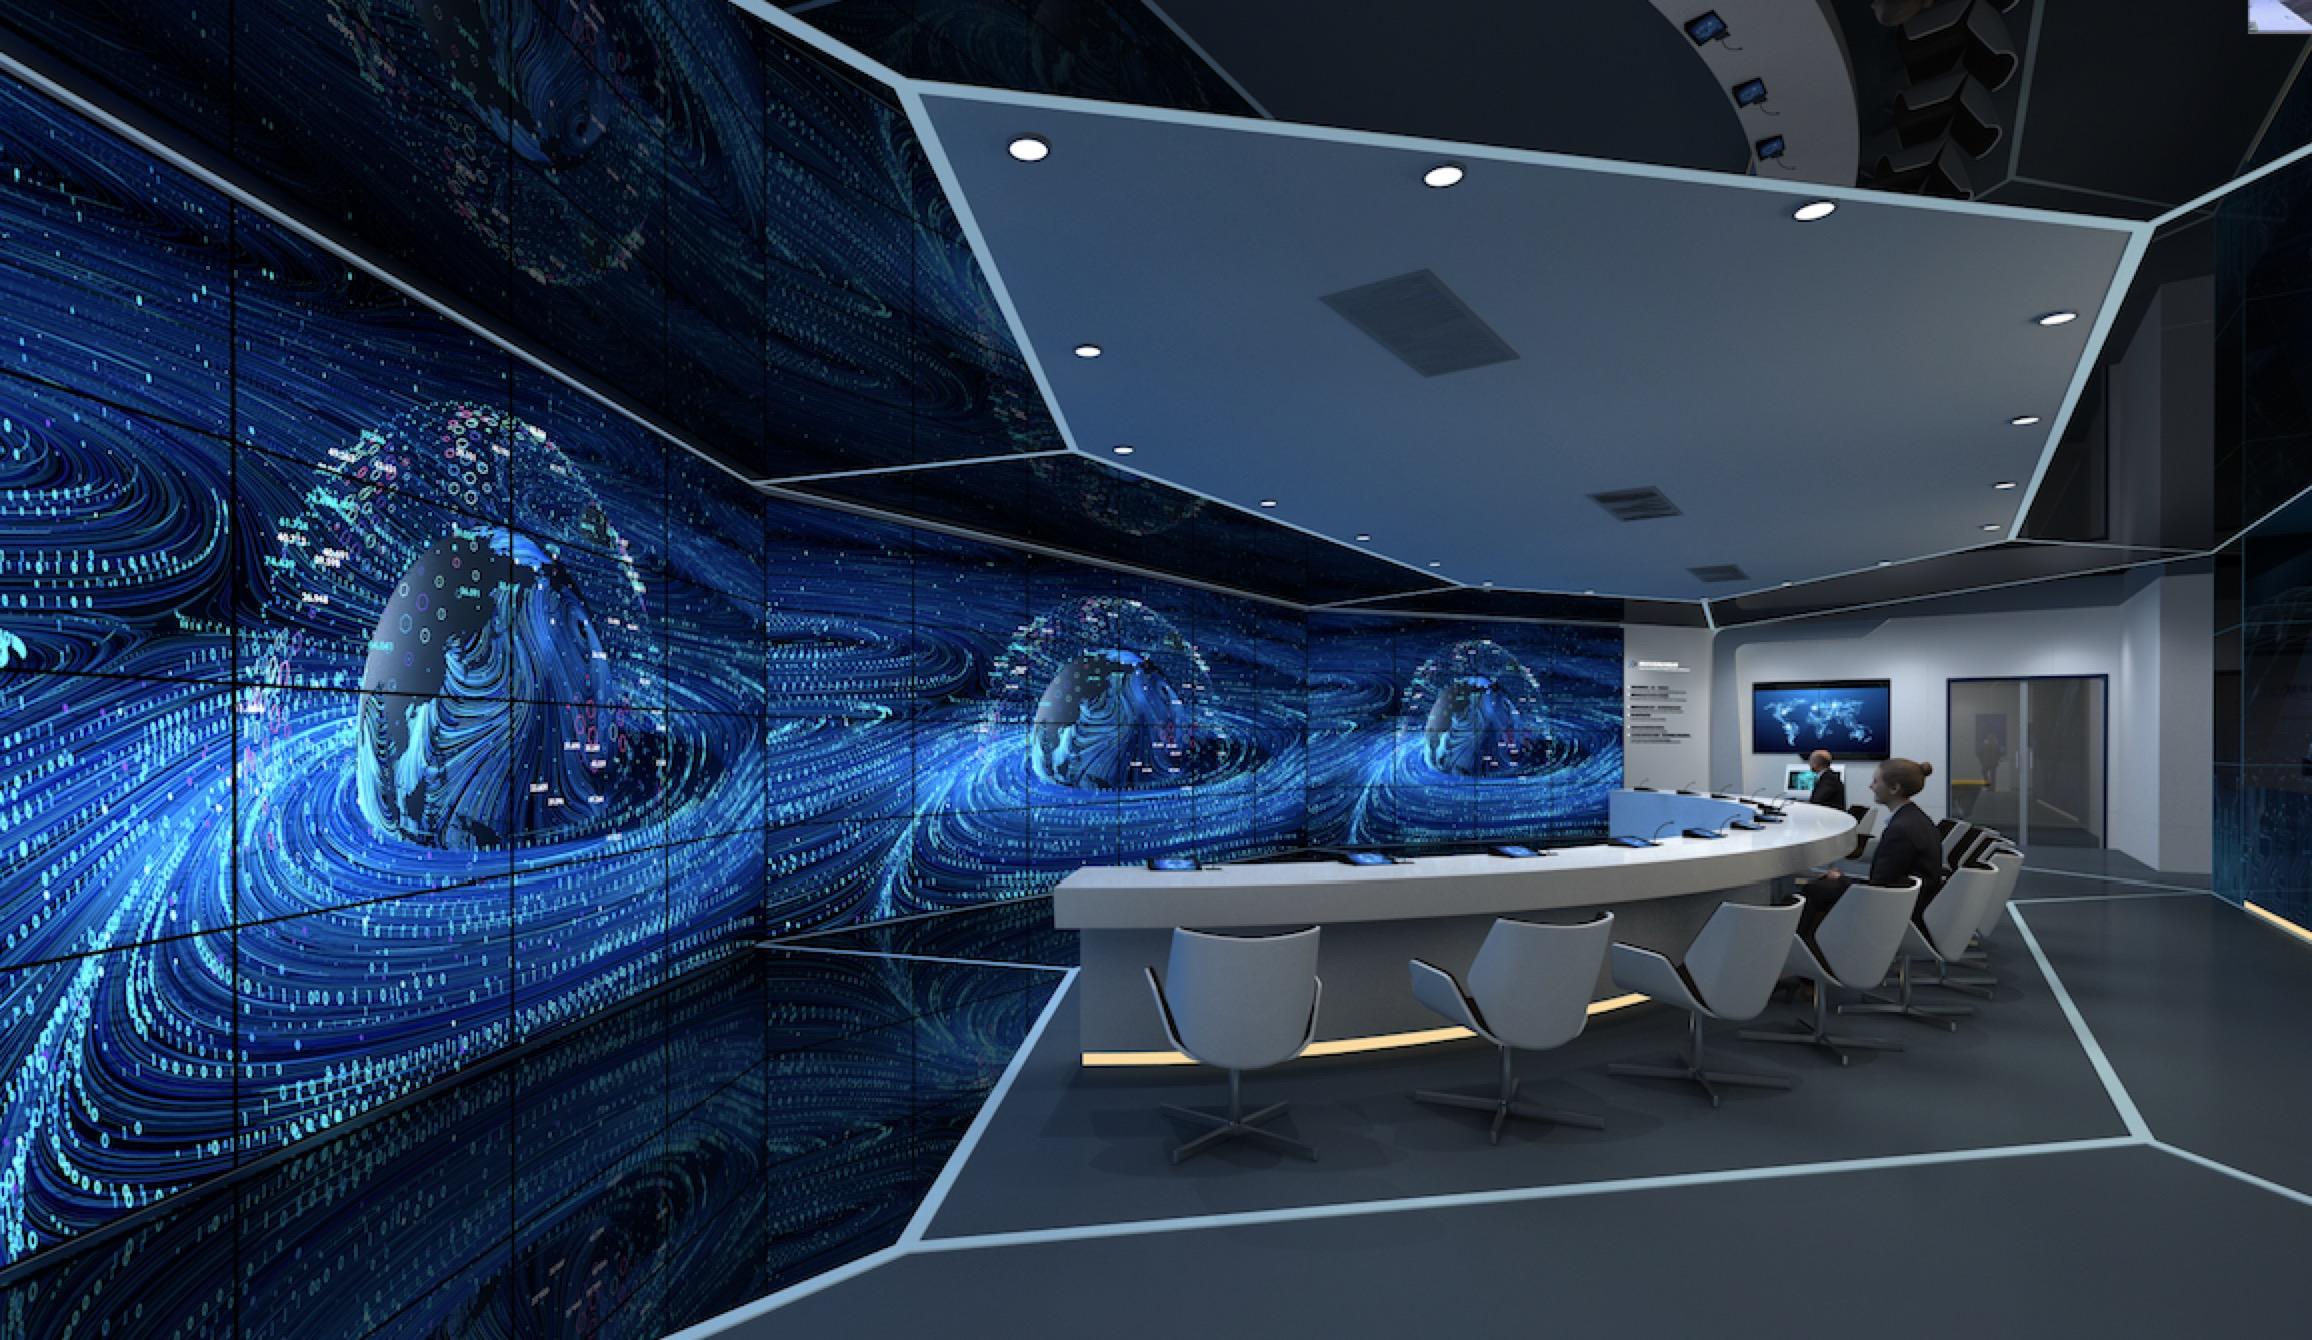 鹏城实验室未来网络应用项目